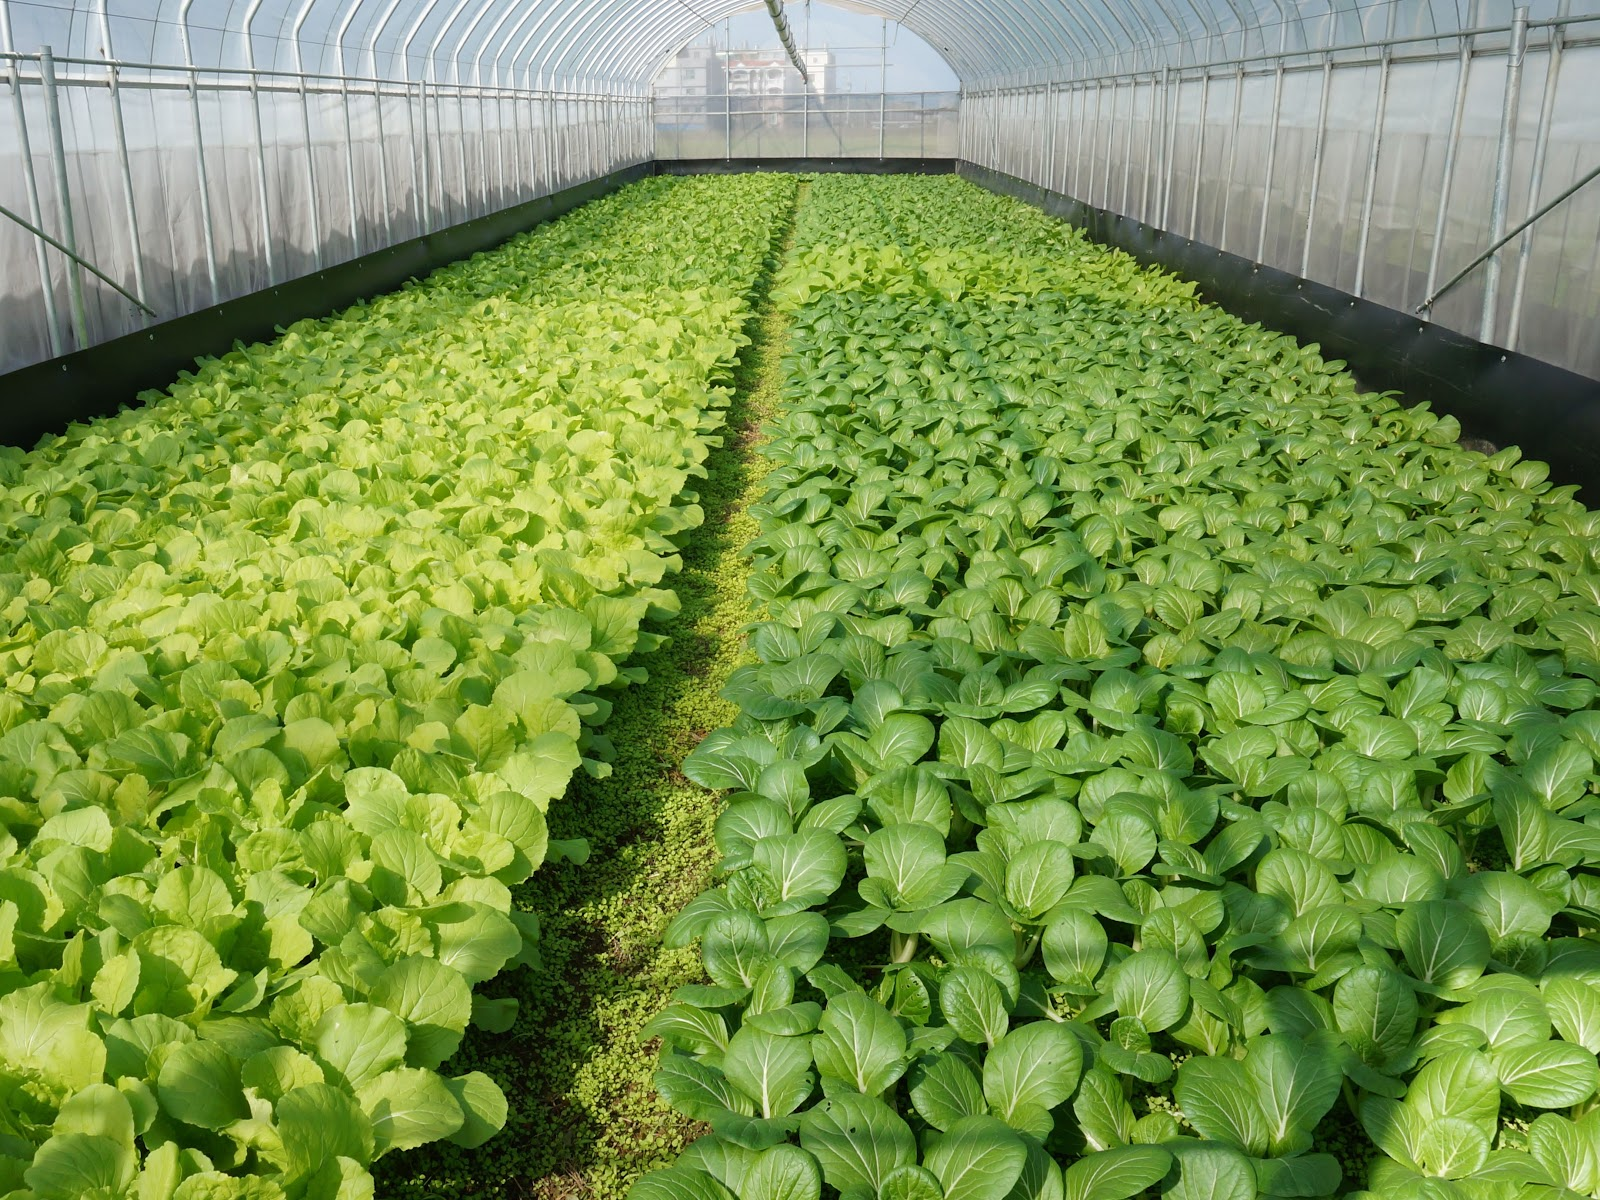 信勢網室有機蔬菜園一片綠意盎然,種植十多種葉菜類-1.jpg